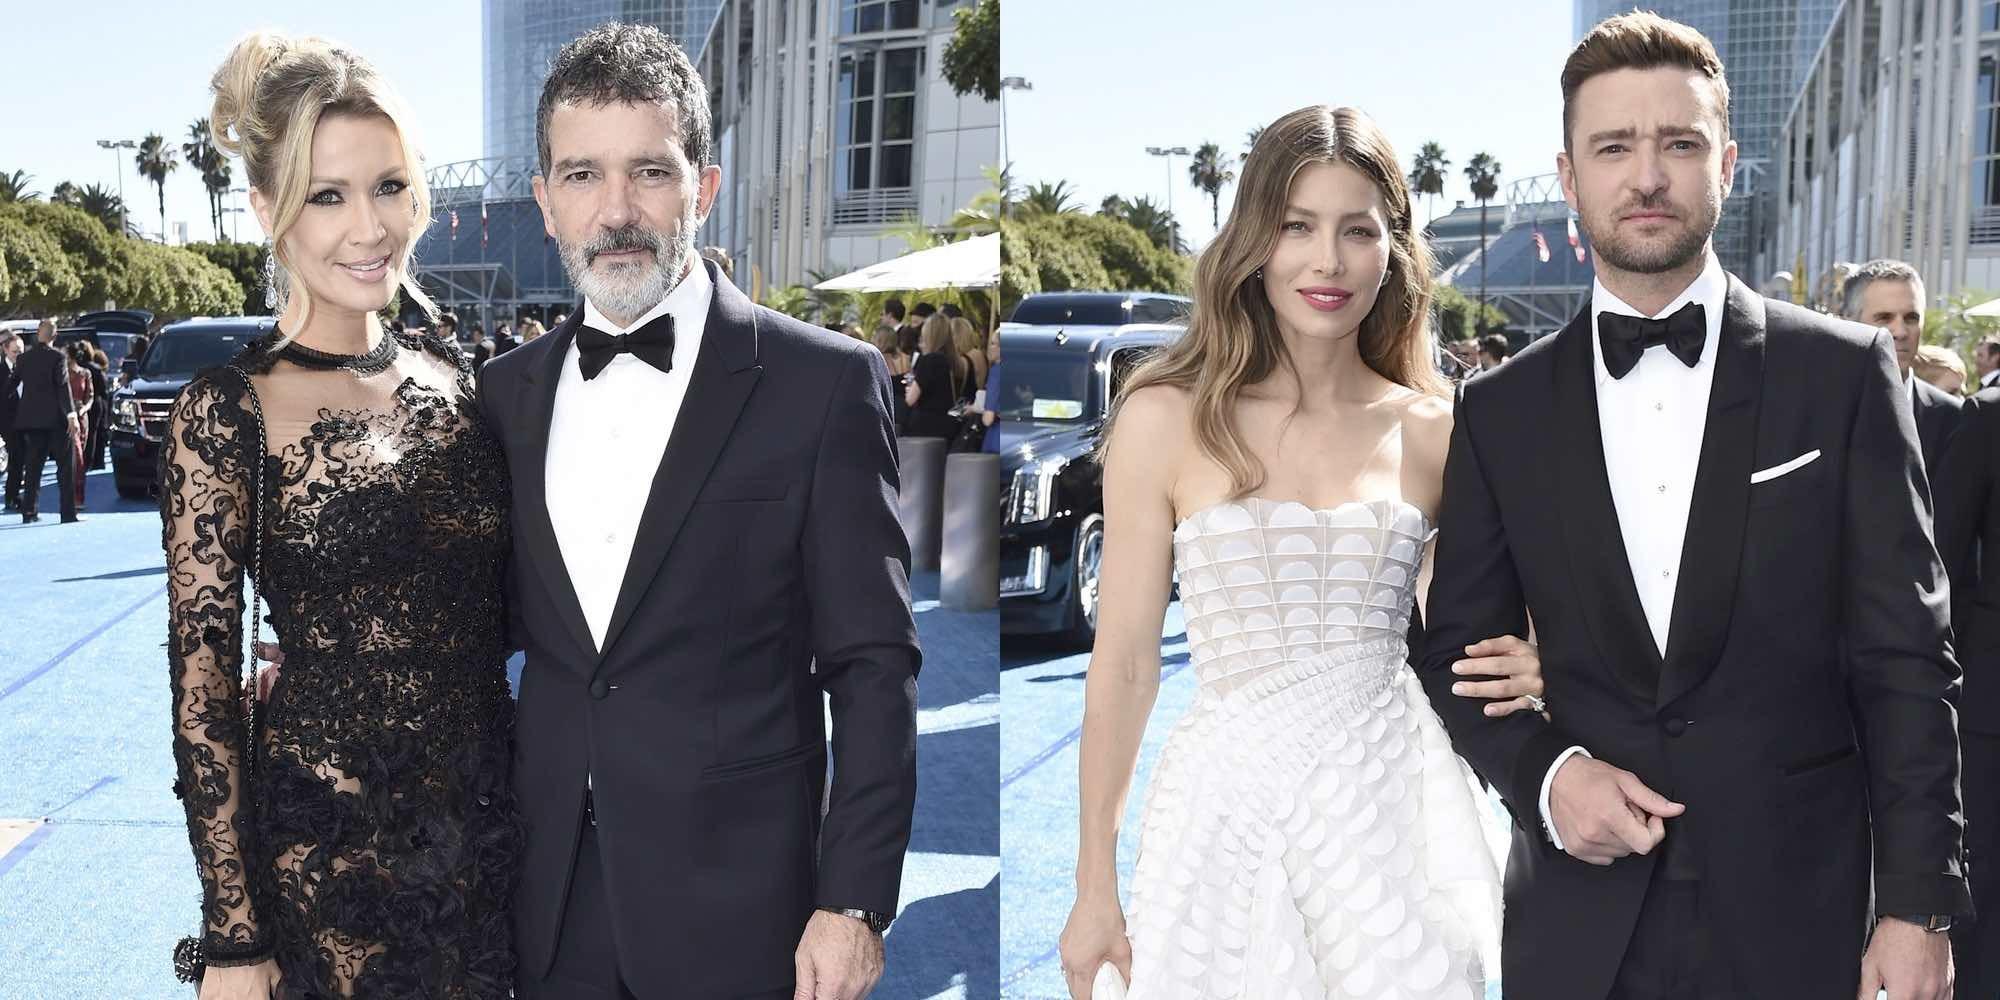 Antonio Banderas y Nicole Kimpel, Justin Timberlake y Jessica Biel,... las parejas de los Emmys 2018